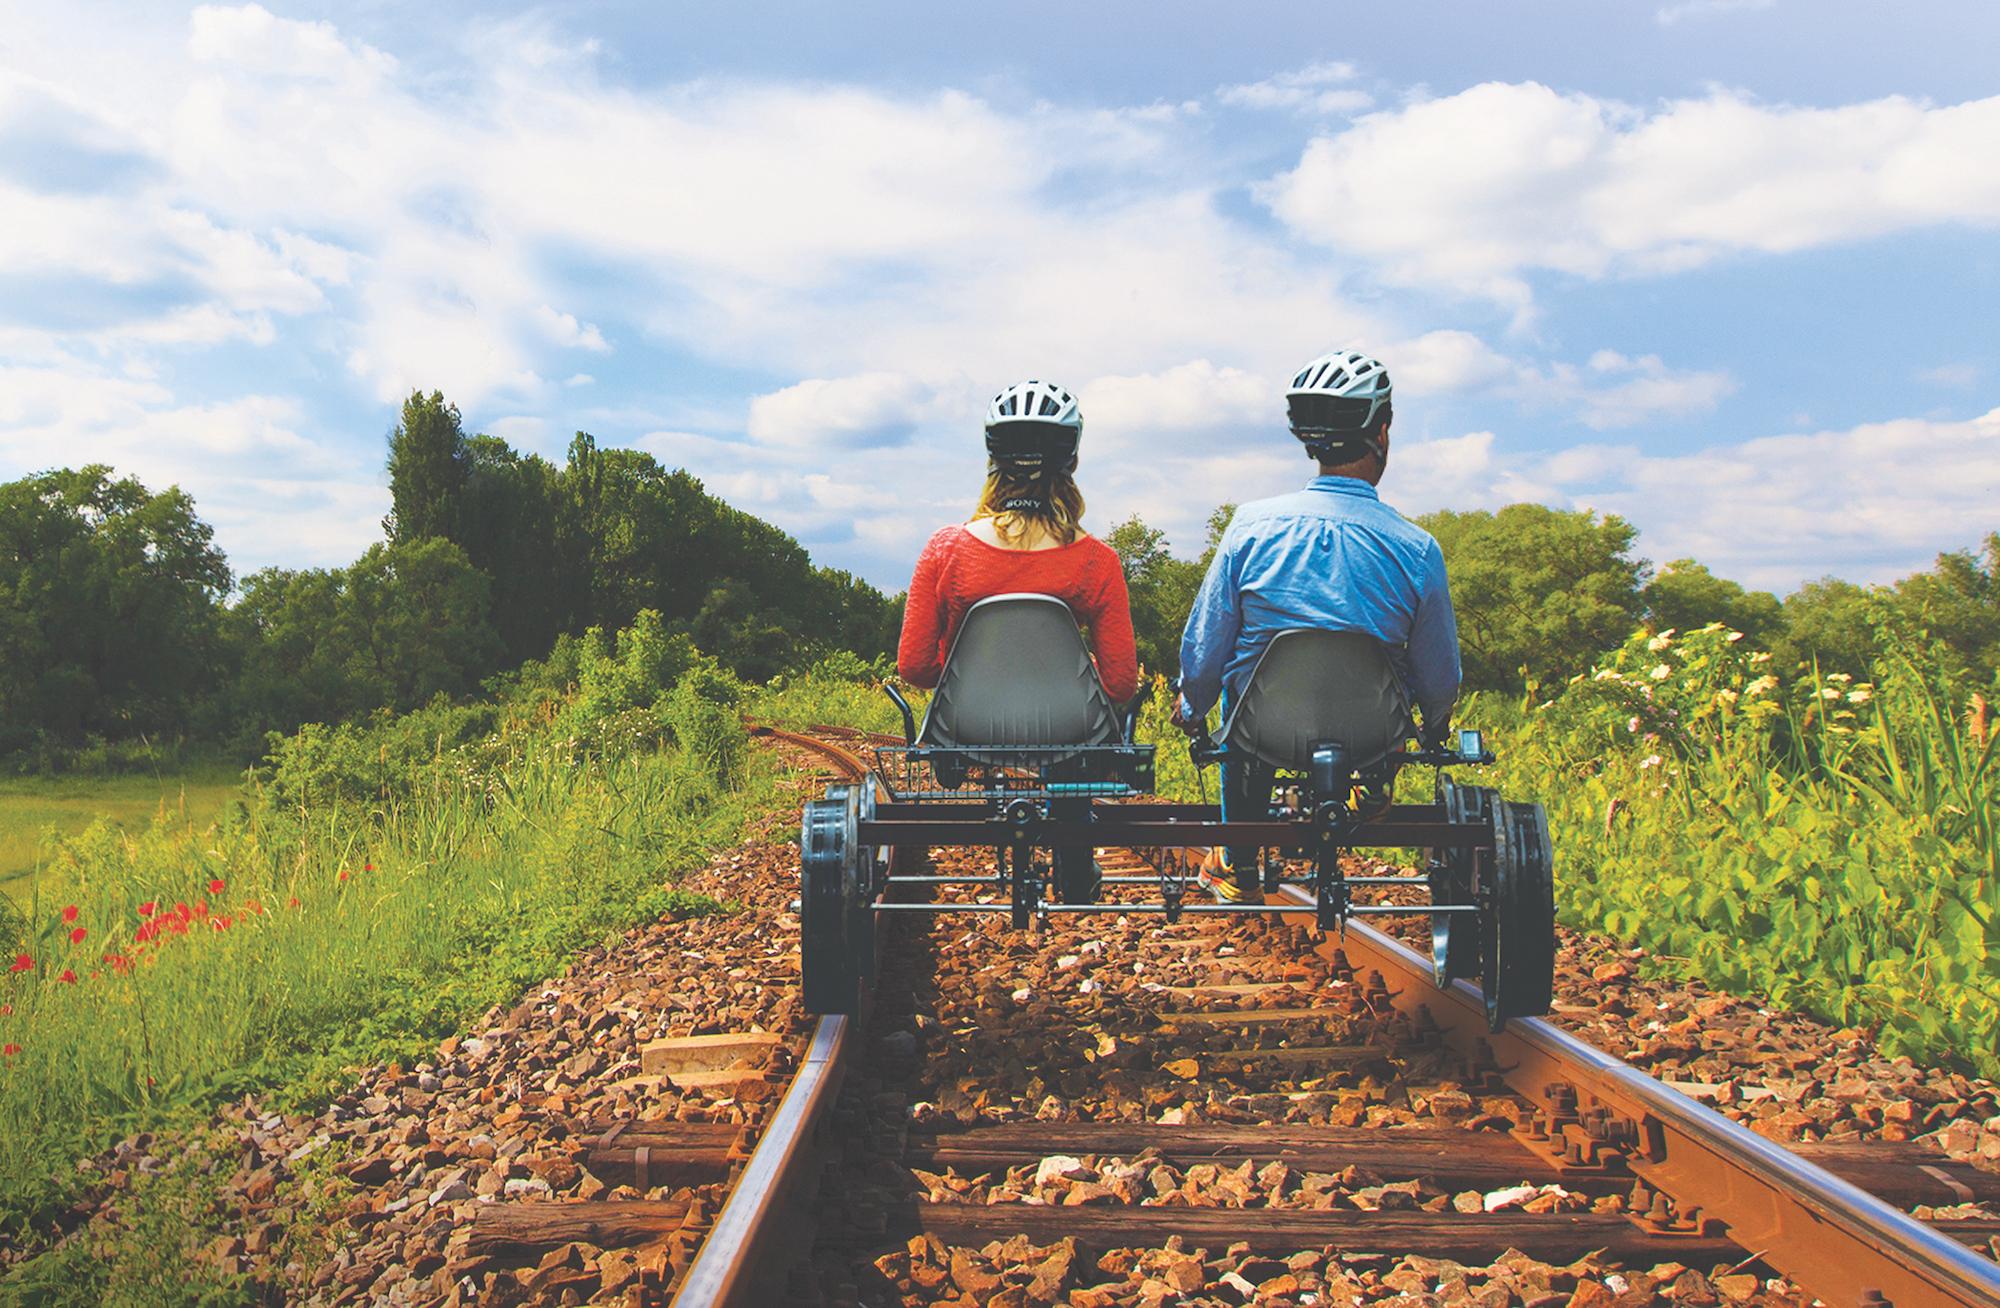 Srt Rail Bike